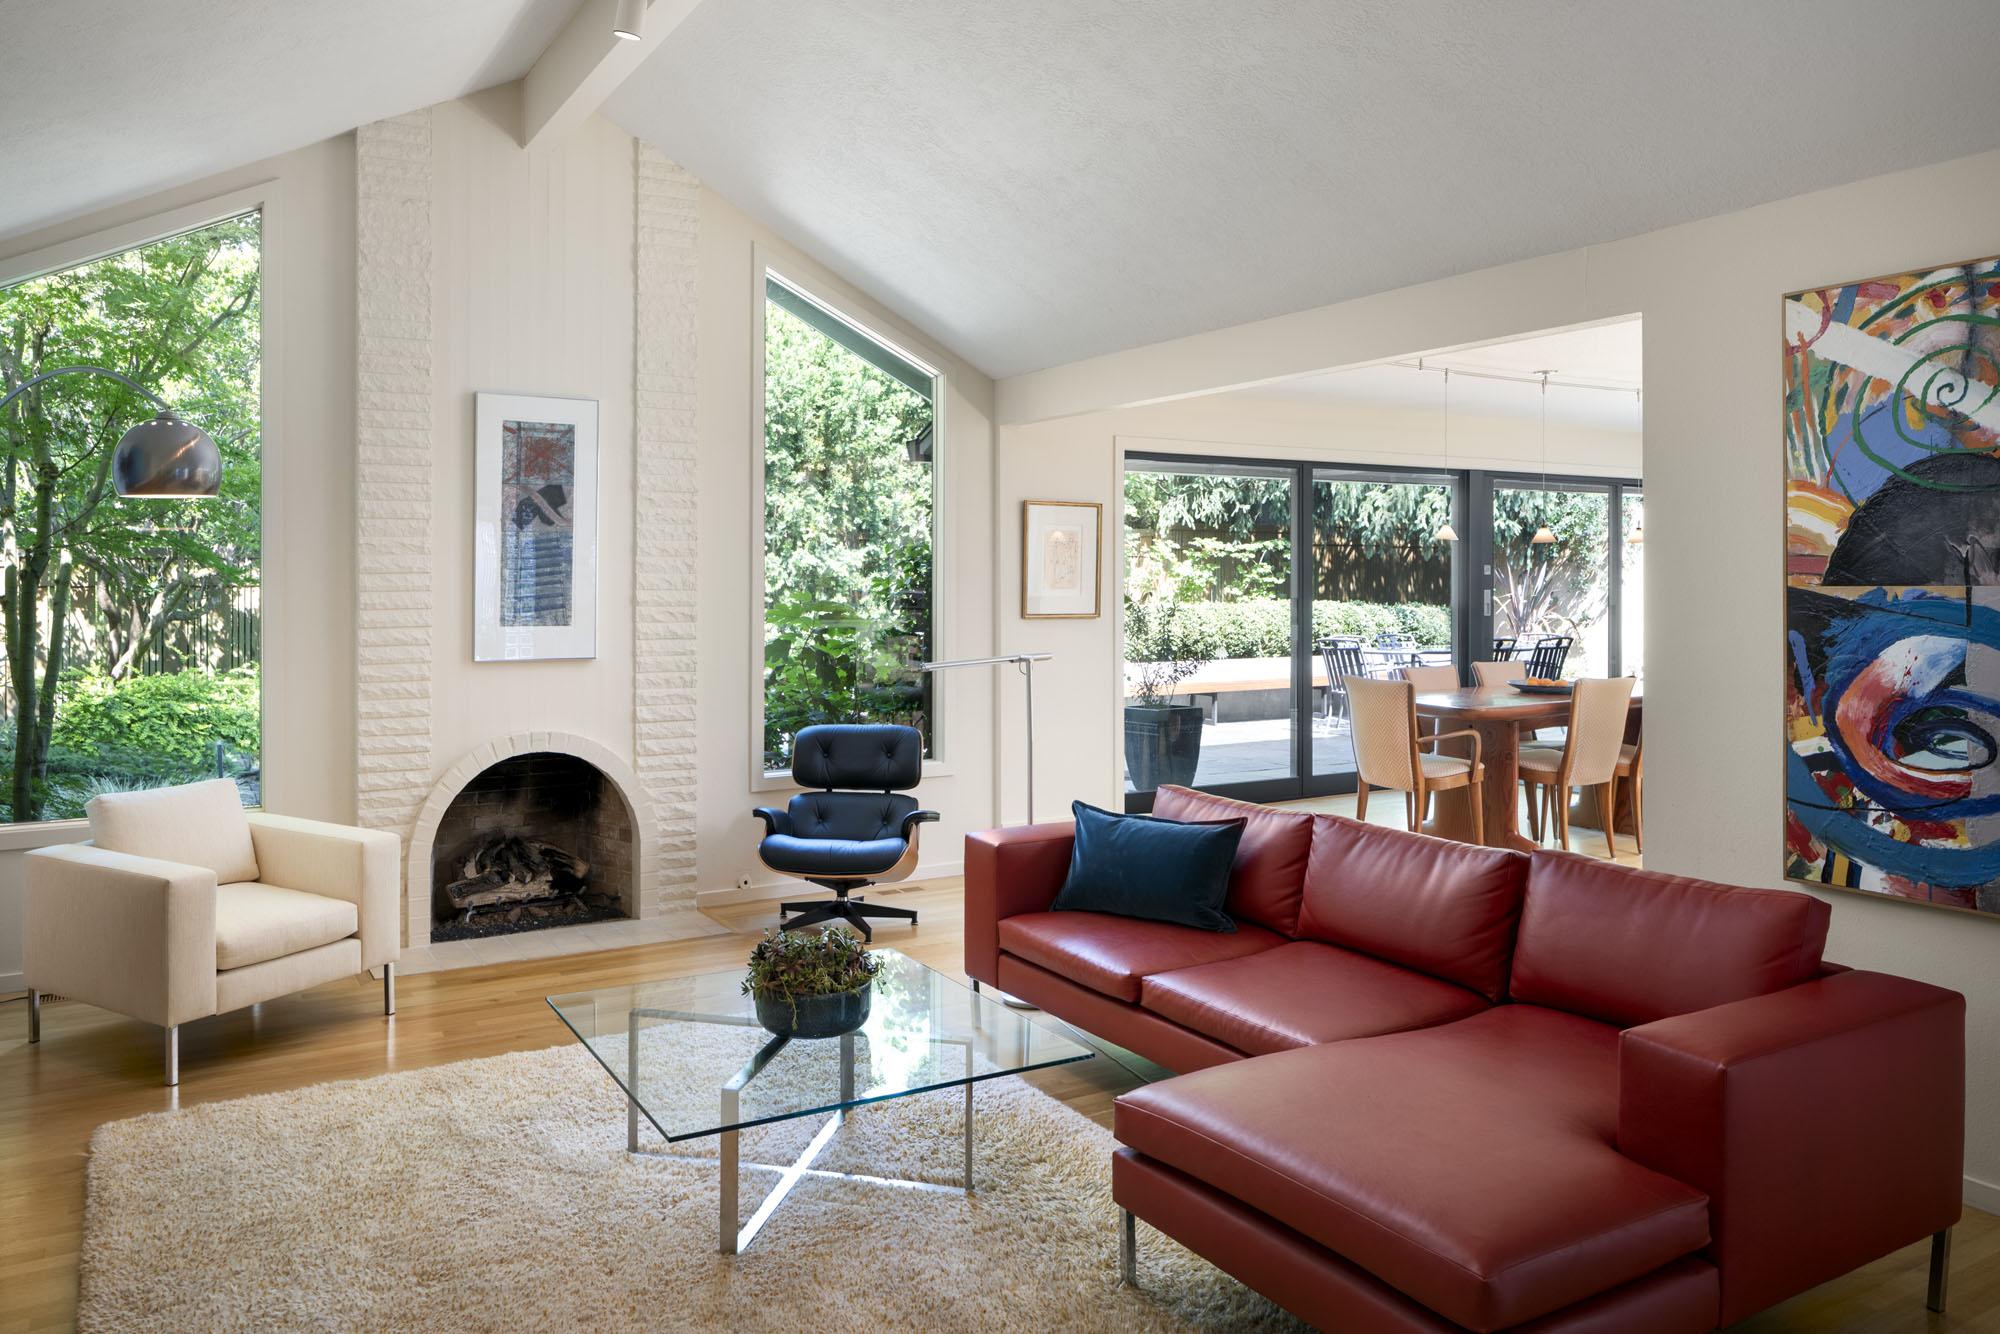 Living room interior design by Jenni Leasia Interior Design in Portland